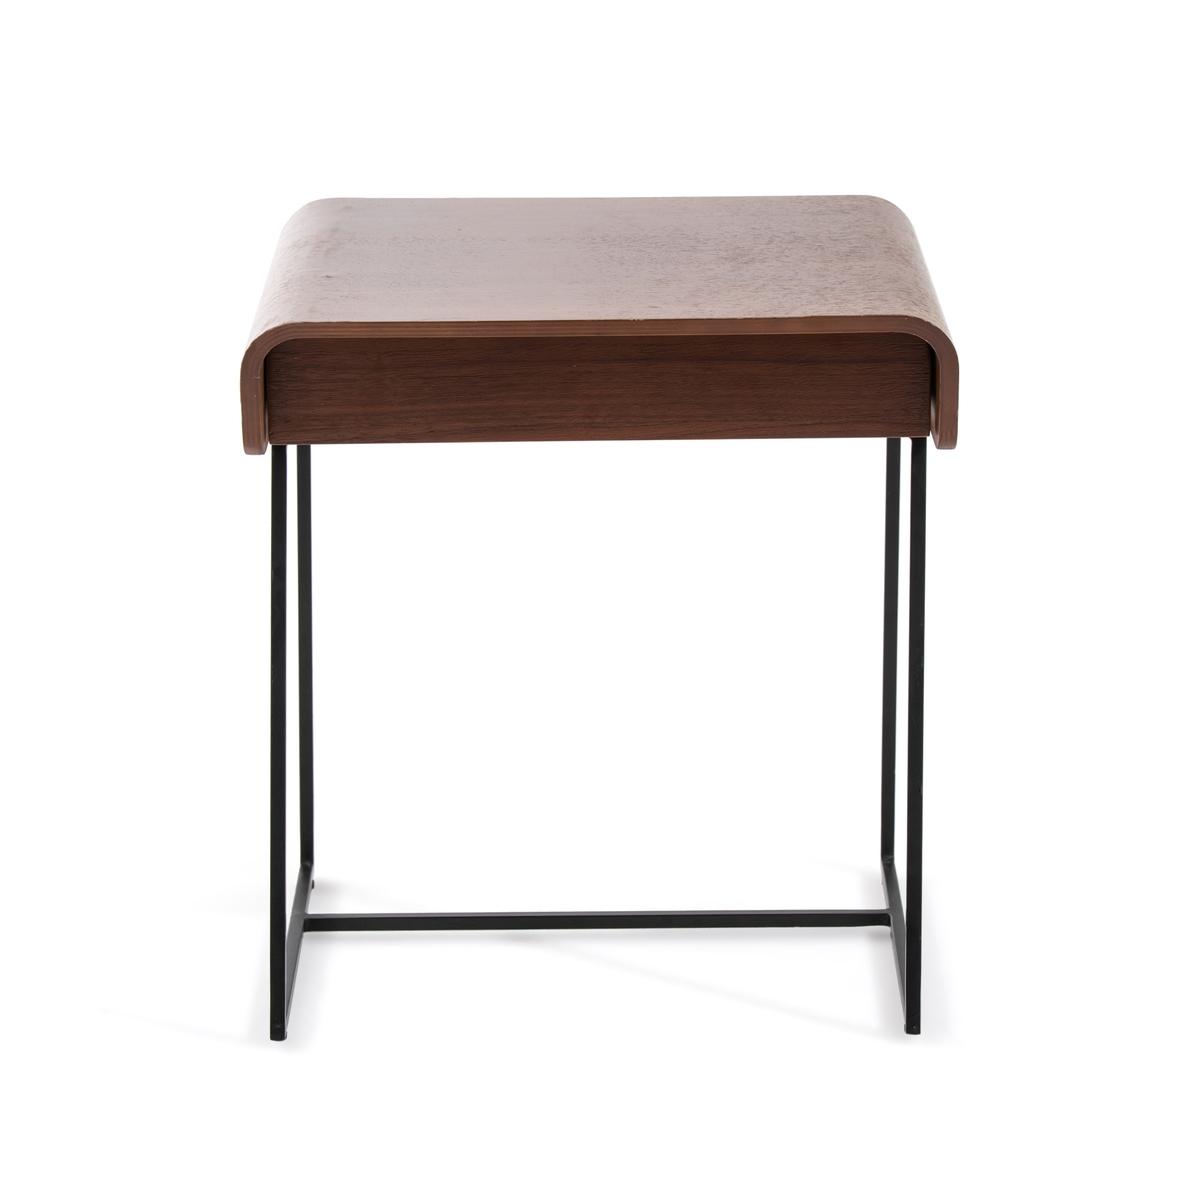 Столик La Redoute Прикроватный с ящиком Bardi дизайн Э Галлины единый размер каштановый туалетный la redoute столик clairoy единый размер каштановый